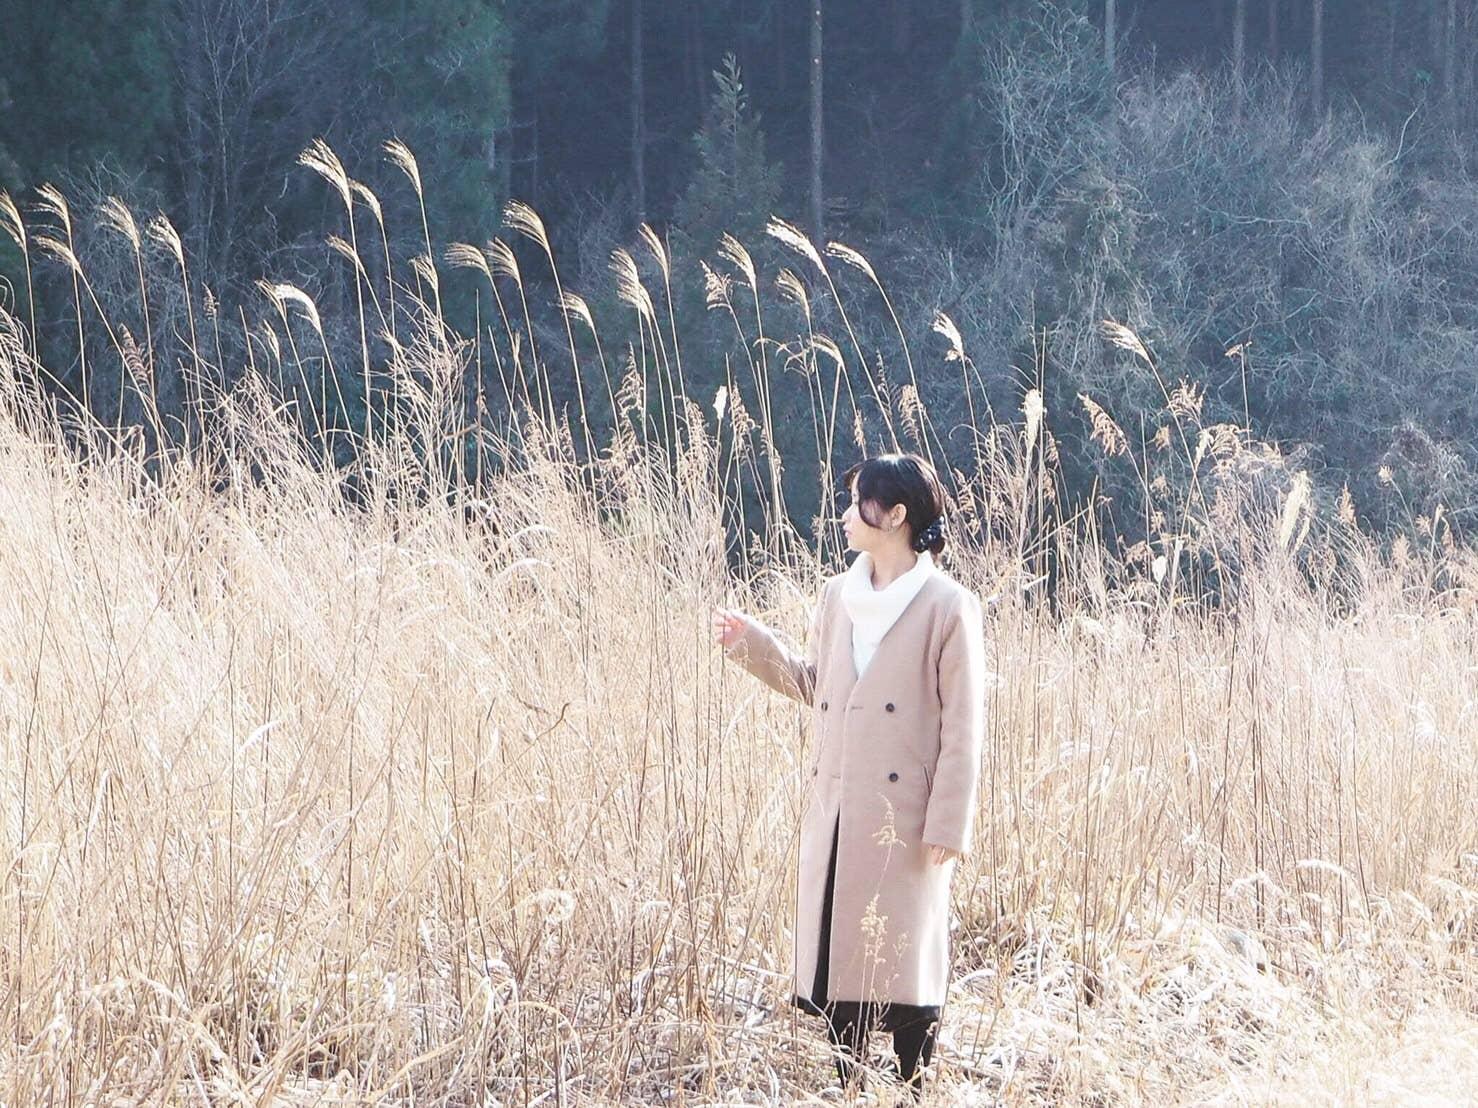 M.Inoue